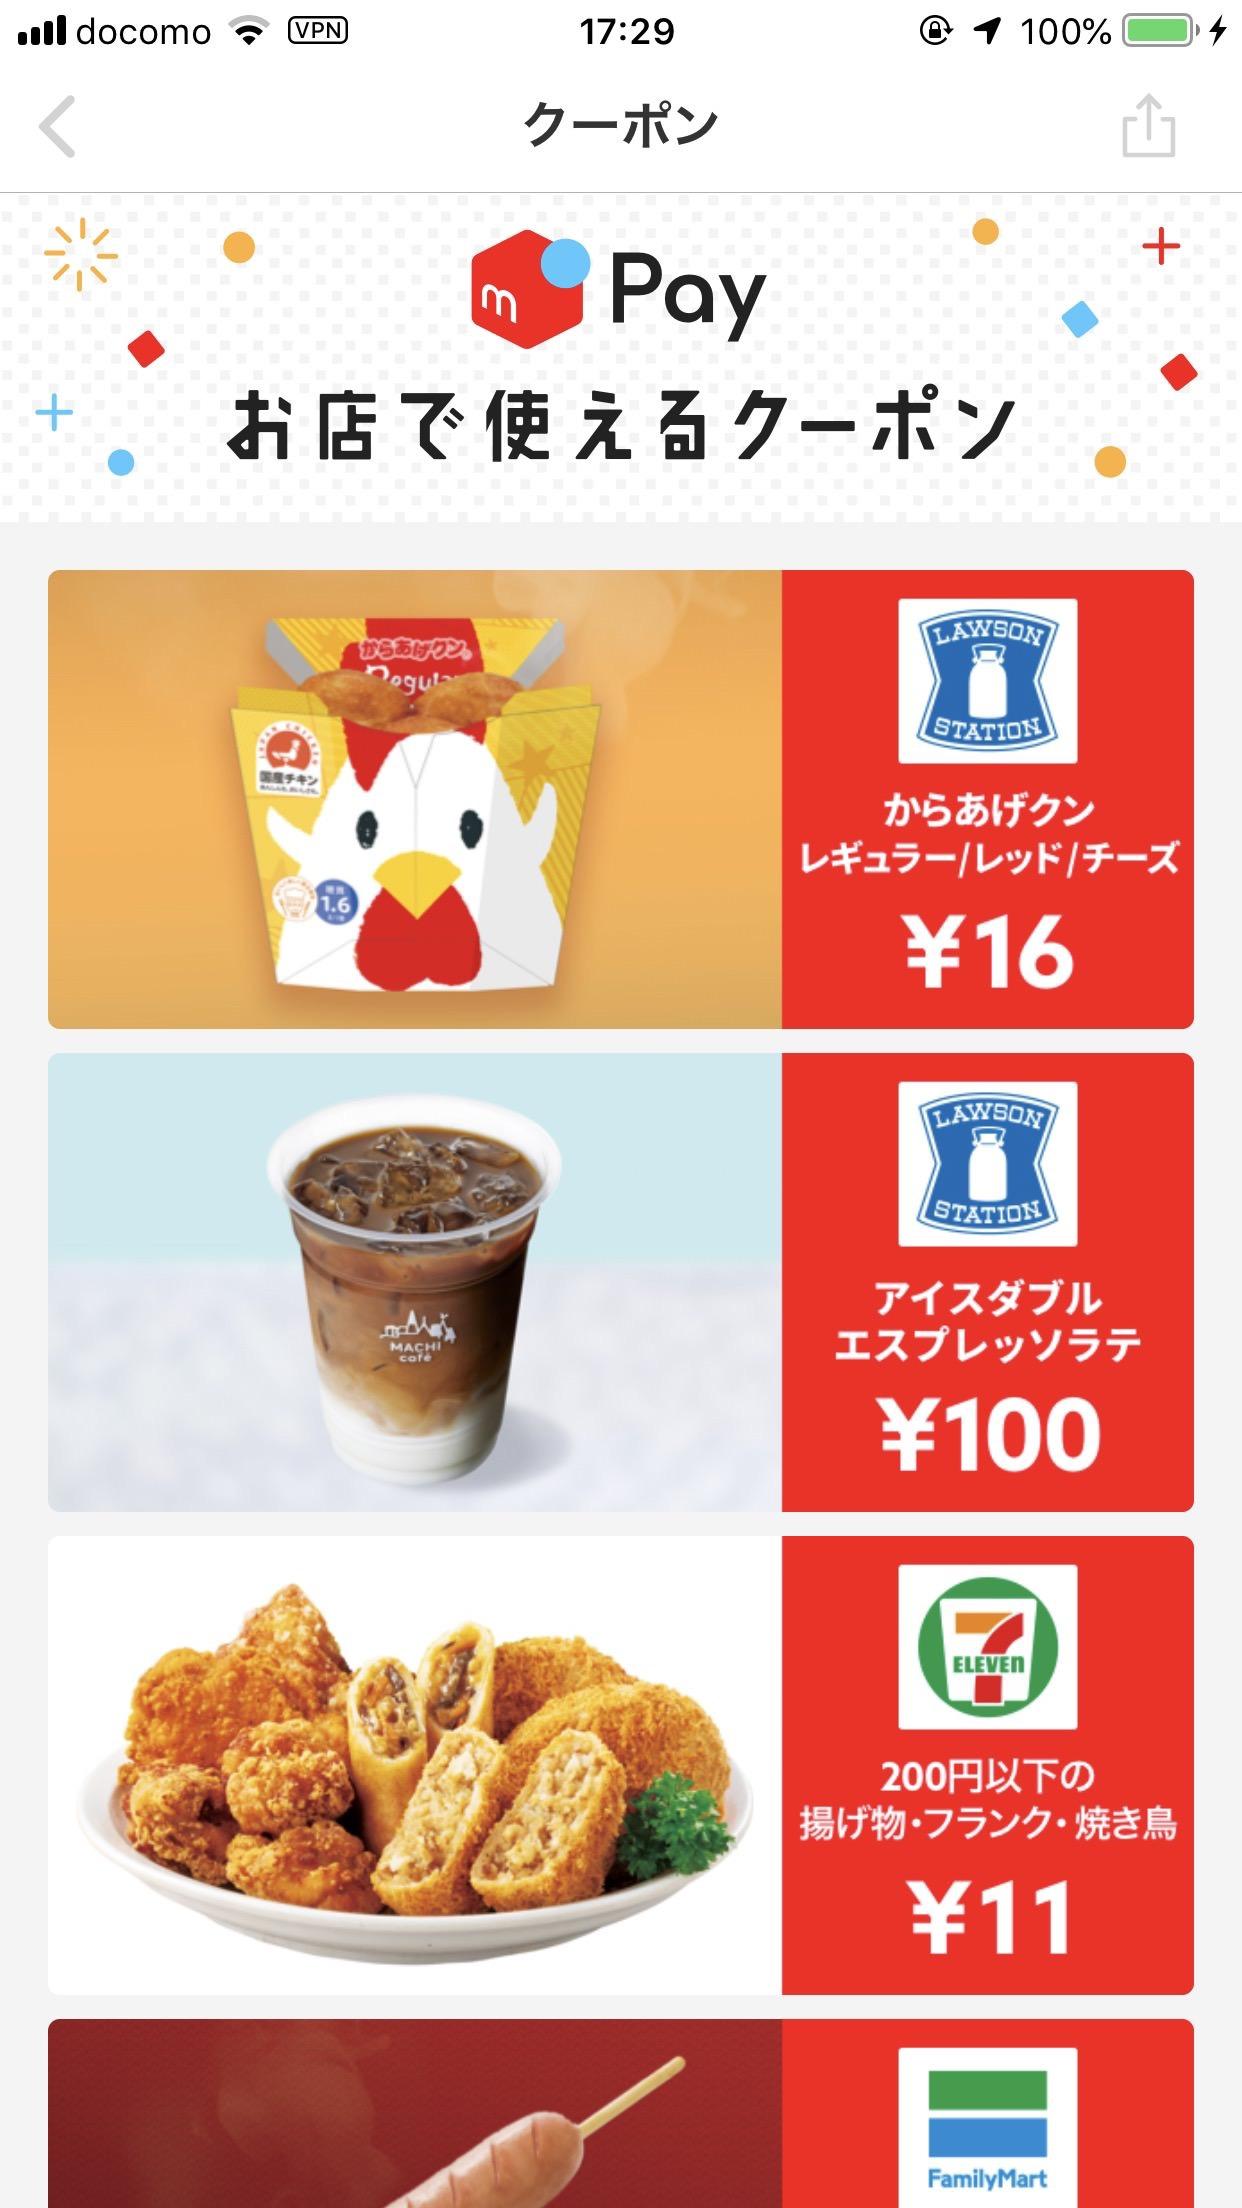 「メルペイ」ローソン・ファミマ・セブンイレブンで使えるクーポンを配布(からあげクン16円・ファミチキ11円など)